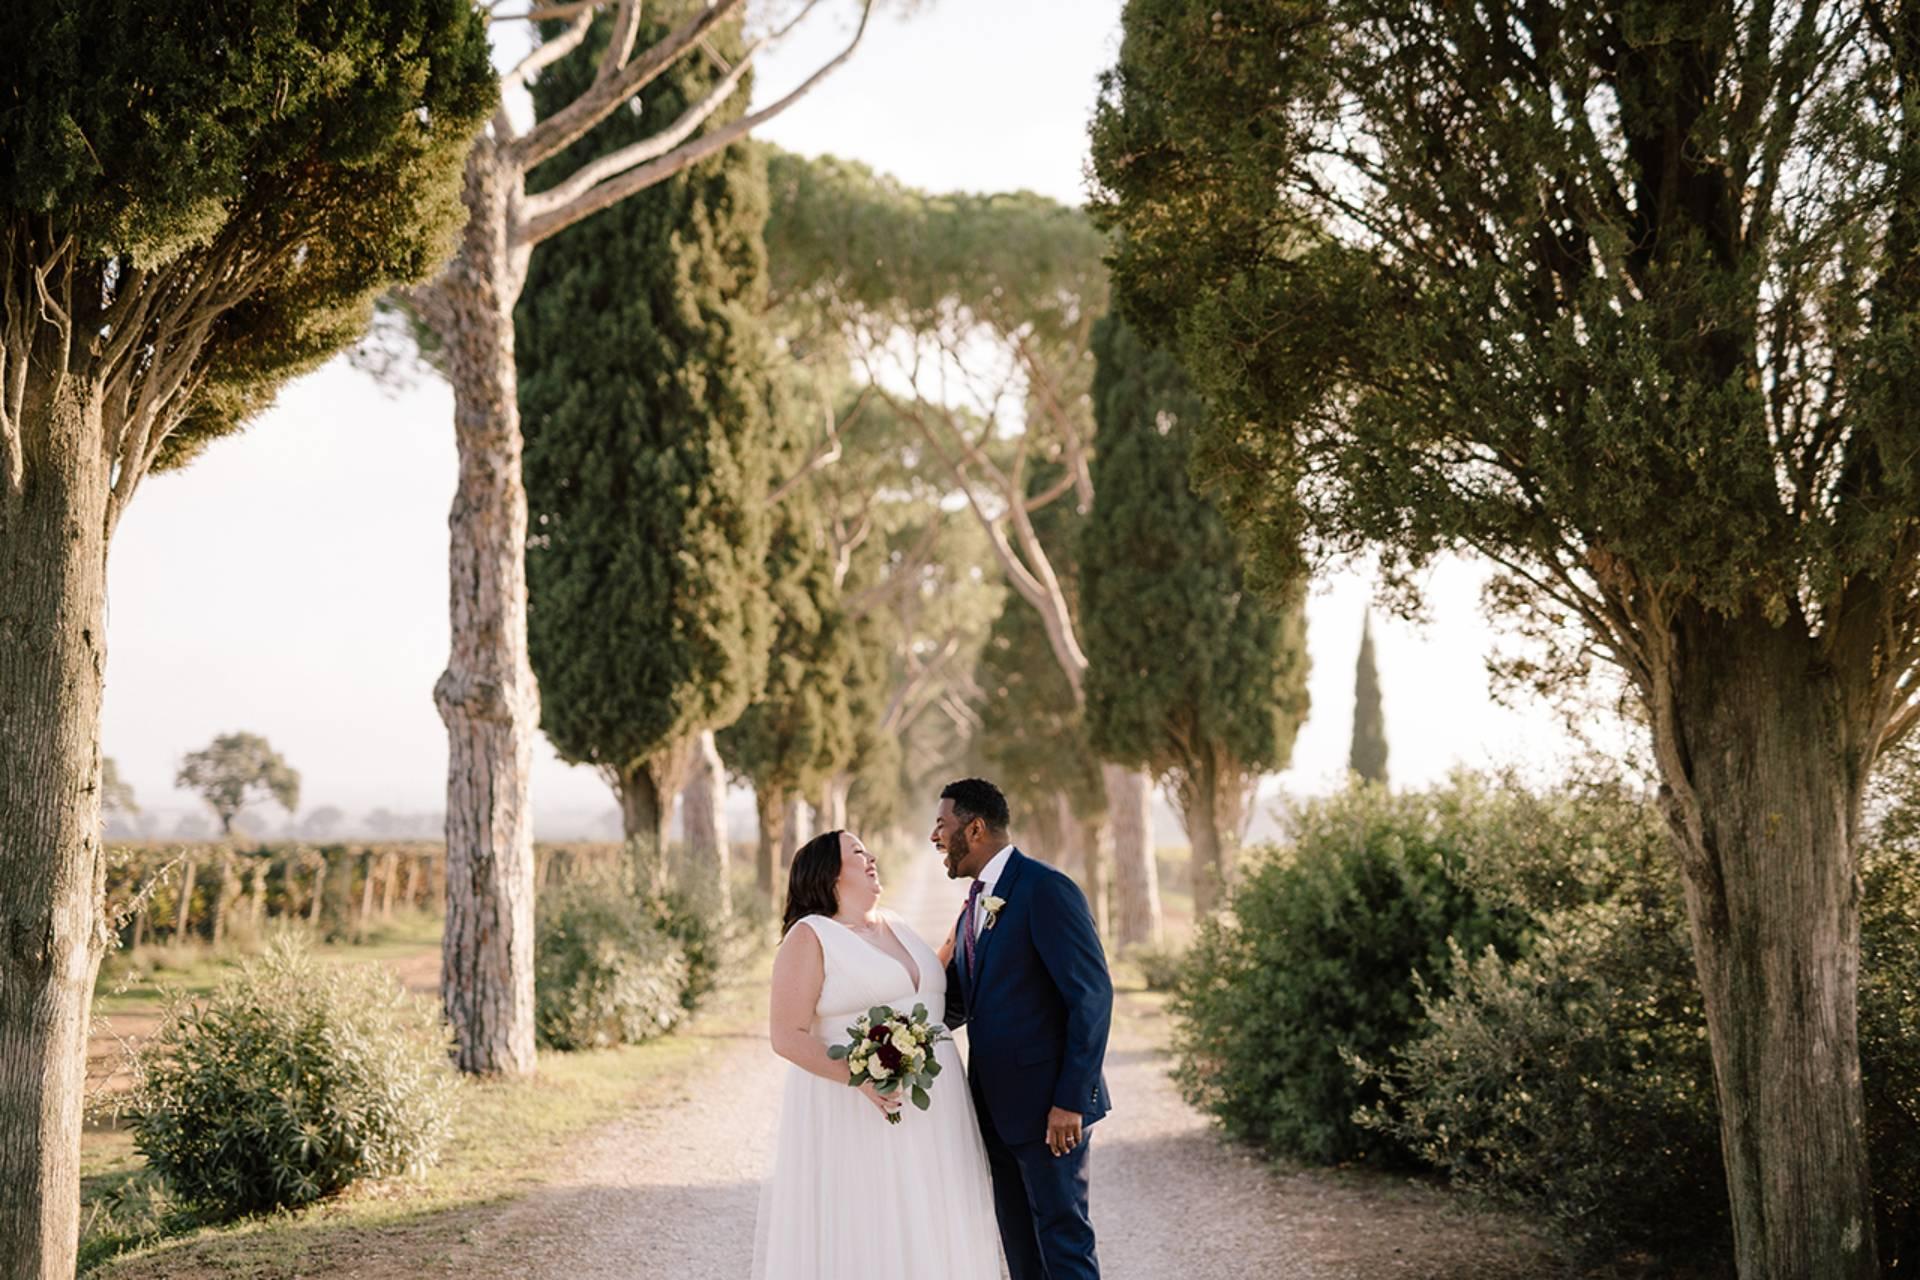 Tuscany countryside wedding photo